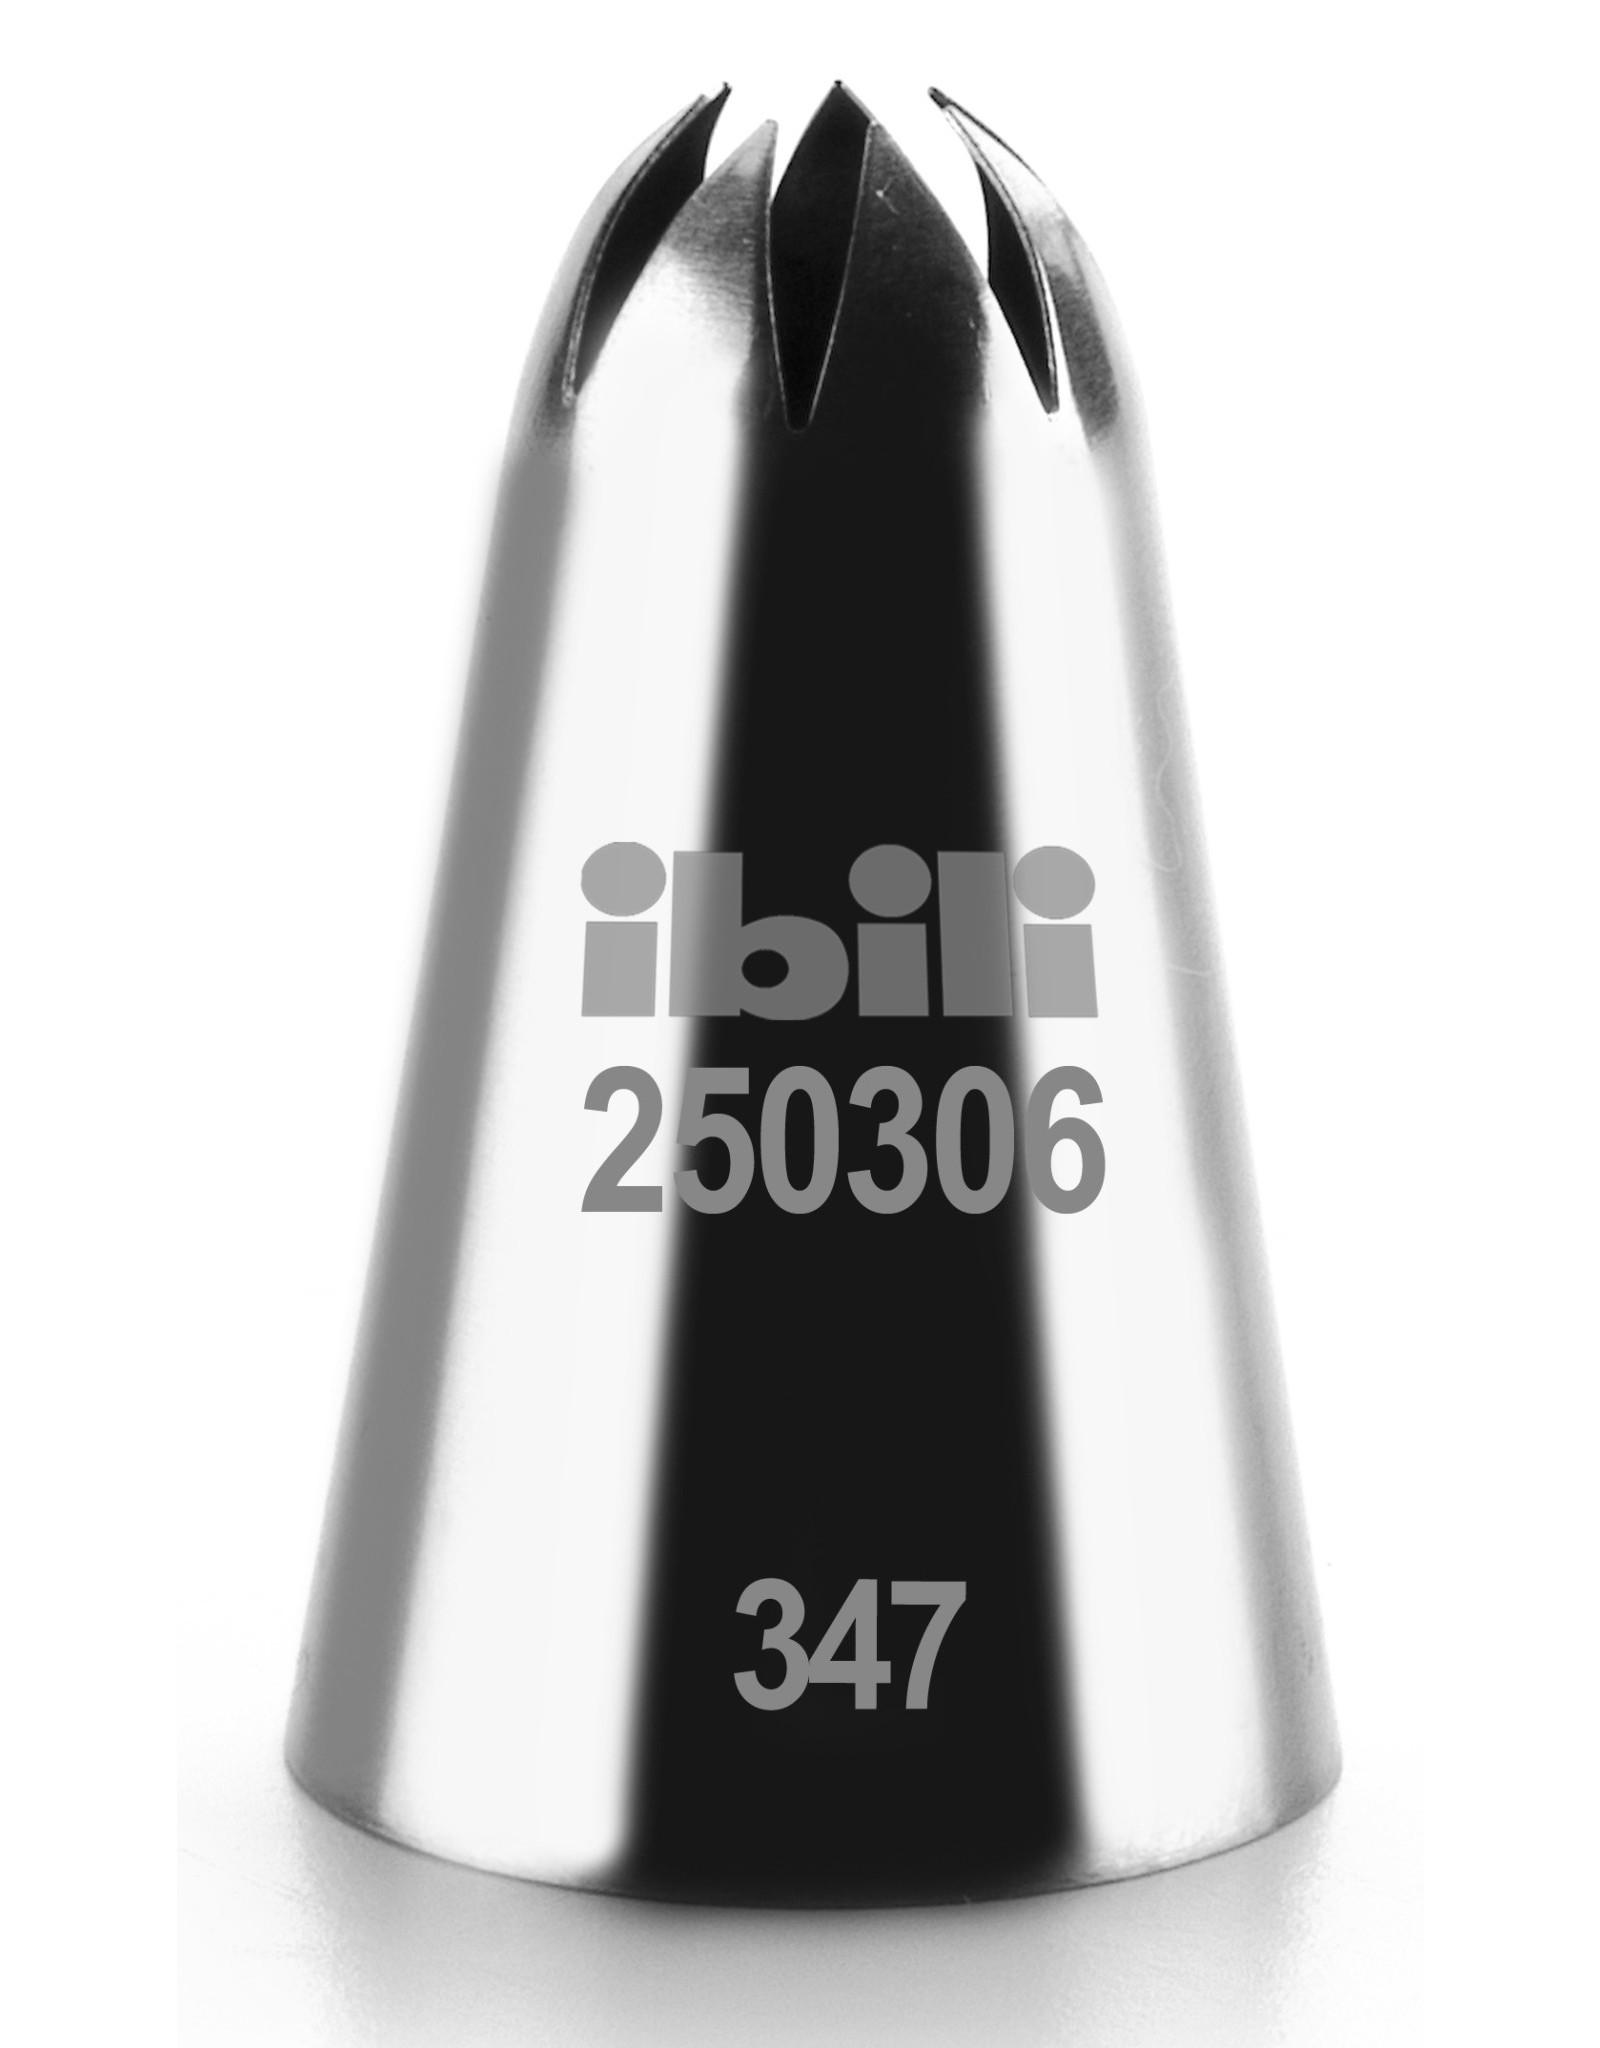 IBILI IBILI 250306 GARNEERSPUIT KARTEL GEBOGEN RVS 6MM